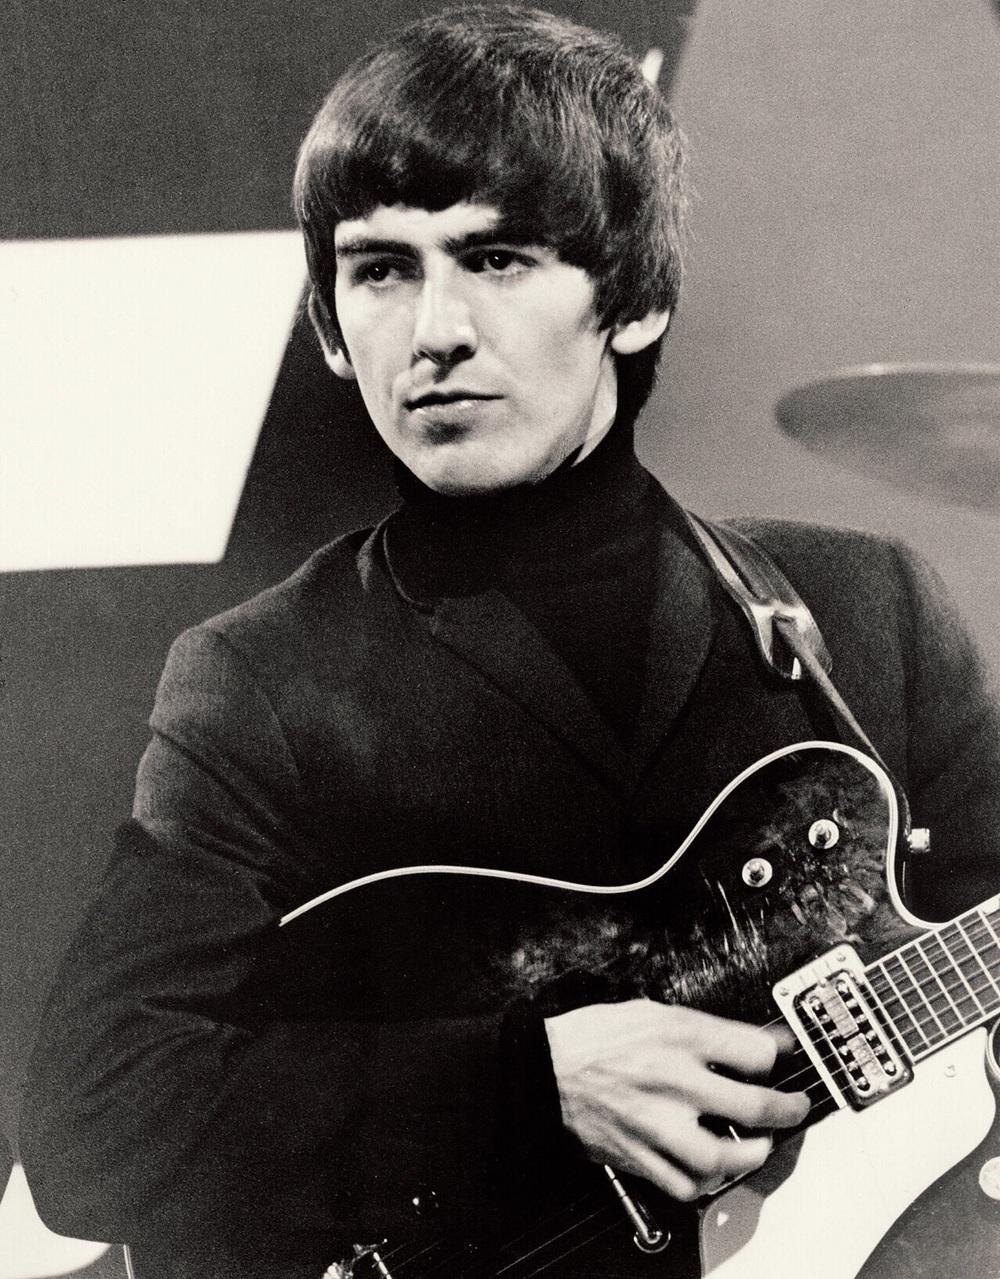 George Harrison on stage, 1964.